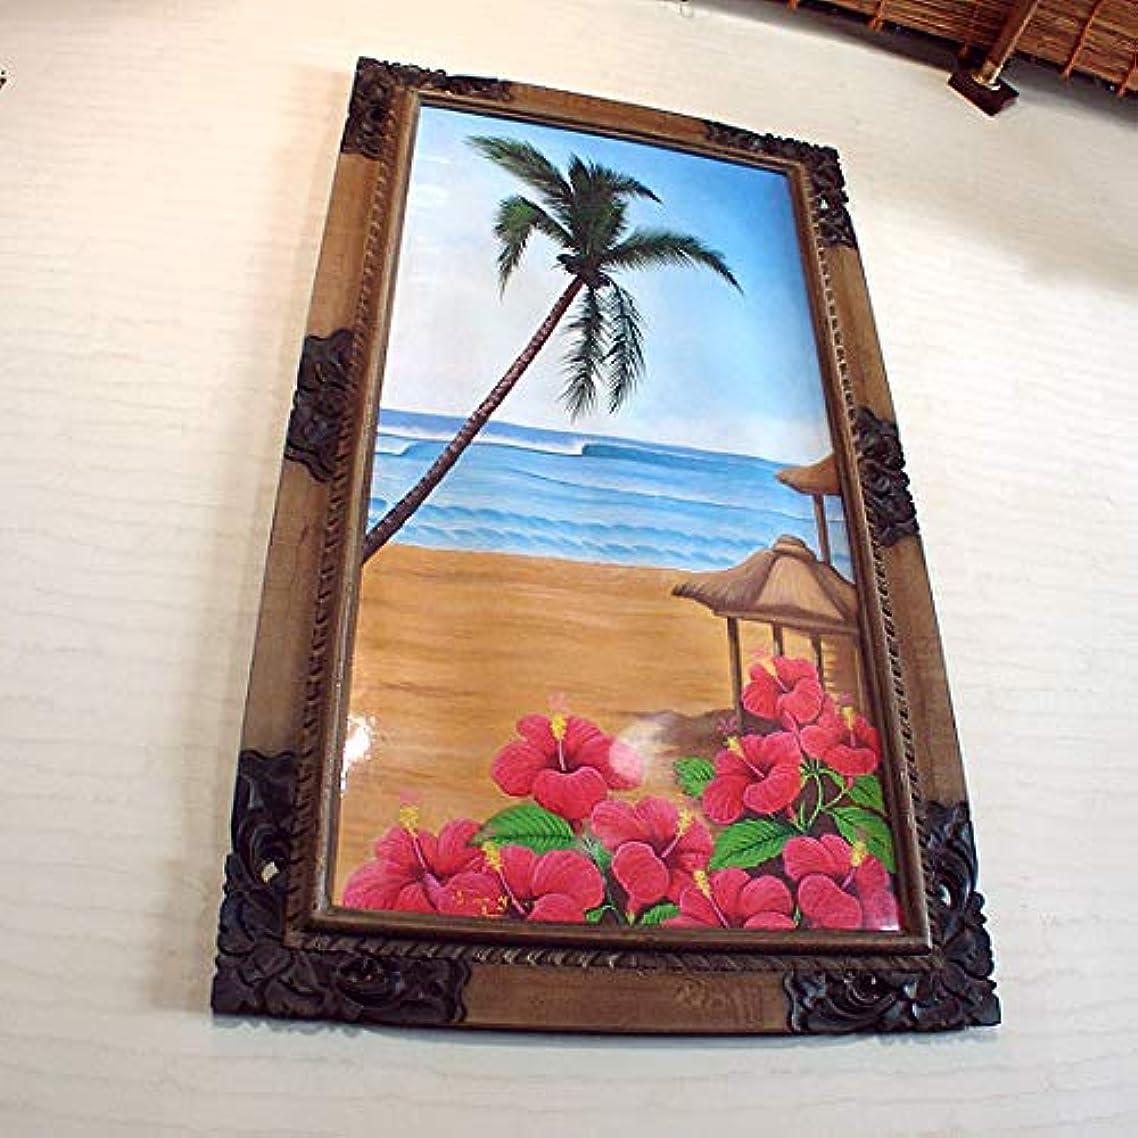 フェローシップ海峡ひもが欲しいバリ絵画?椰子アート:ハイビスカス咲き乱れビーチ!東屋もあって雰囲気バッチリねん